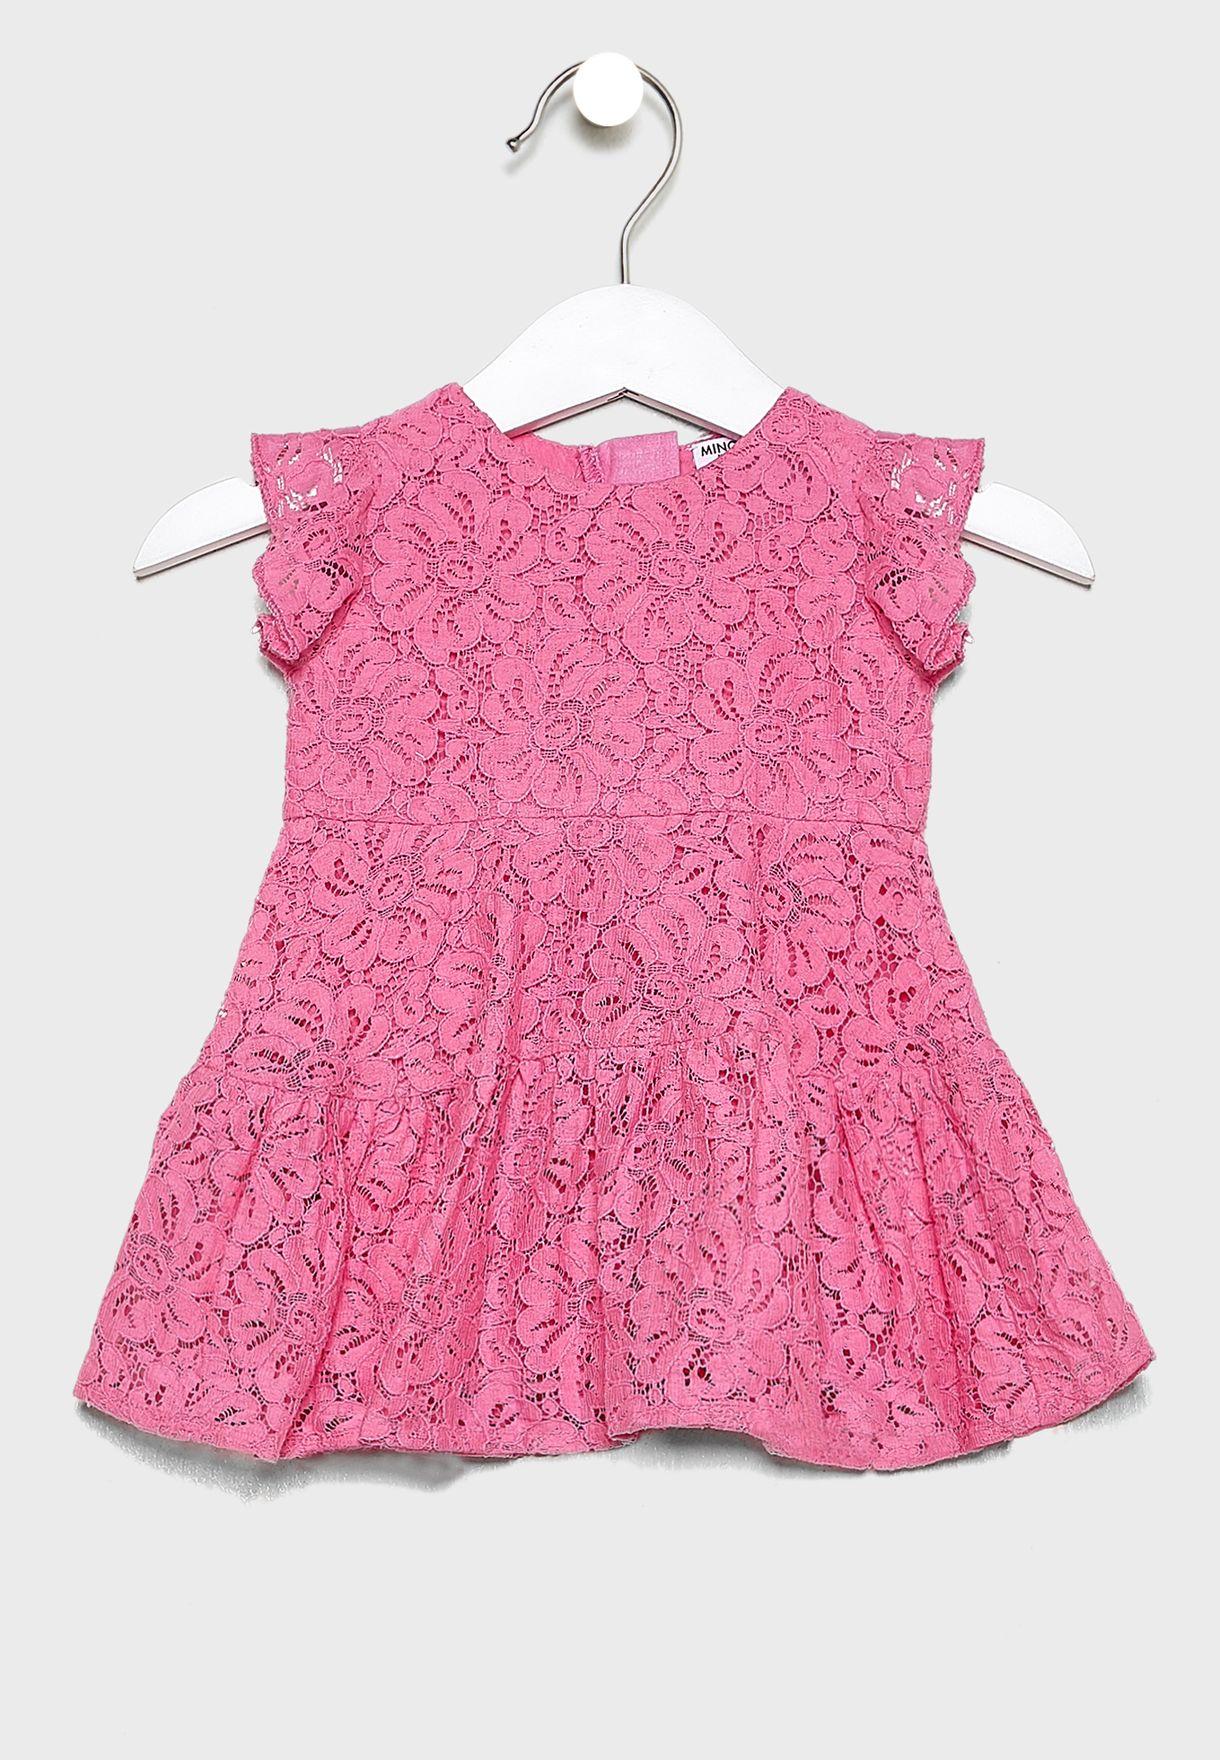 فستان دانتيل للبيبي